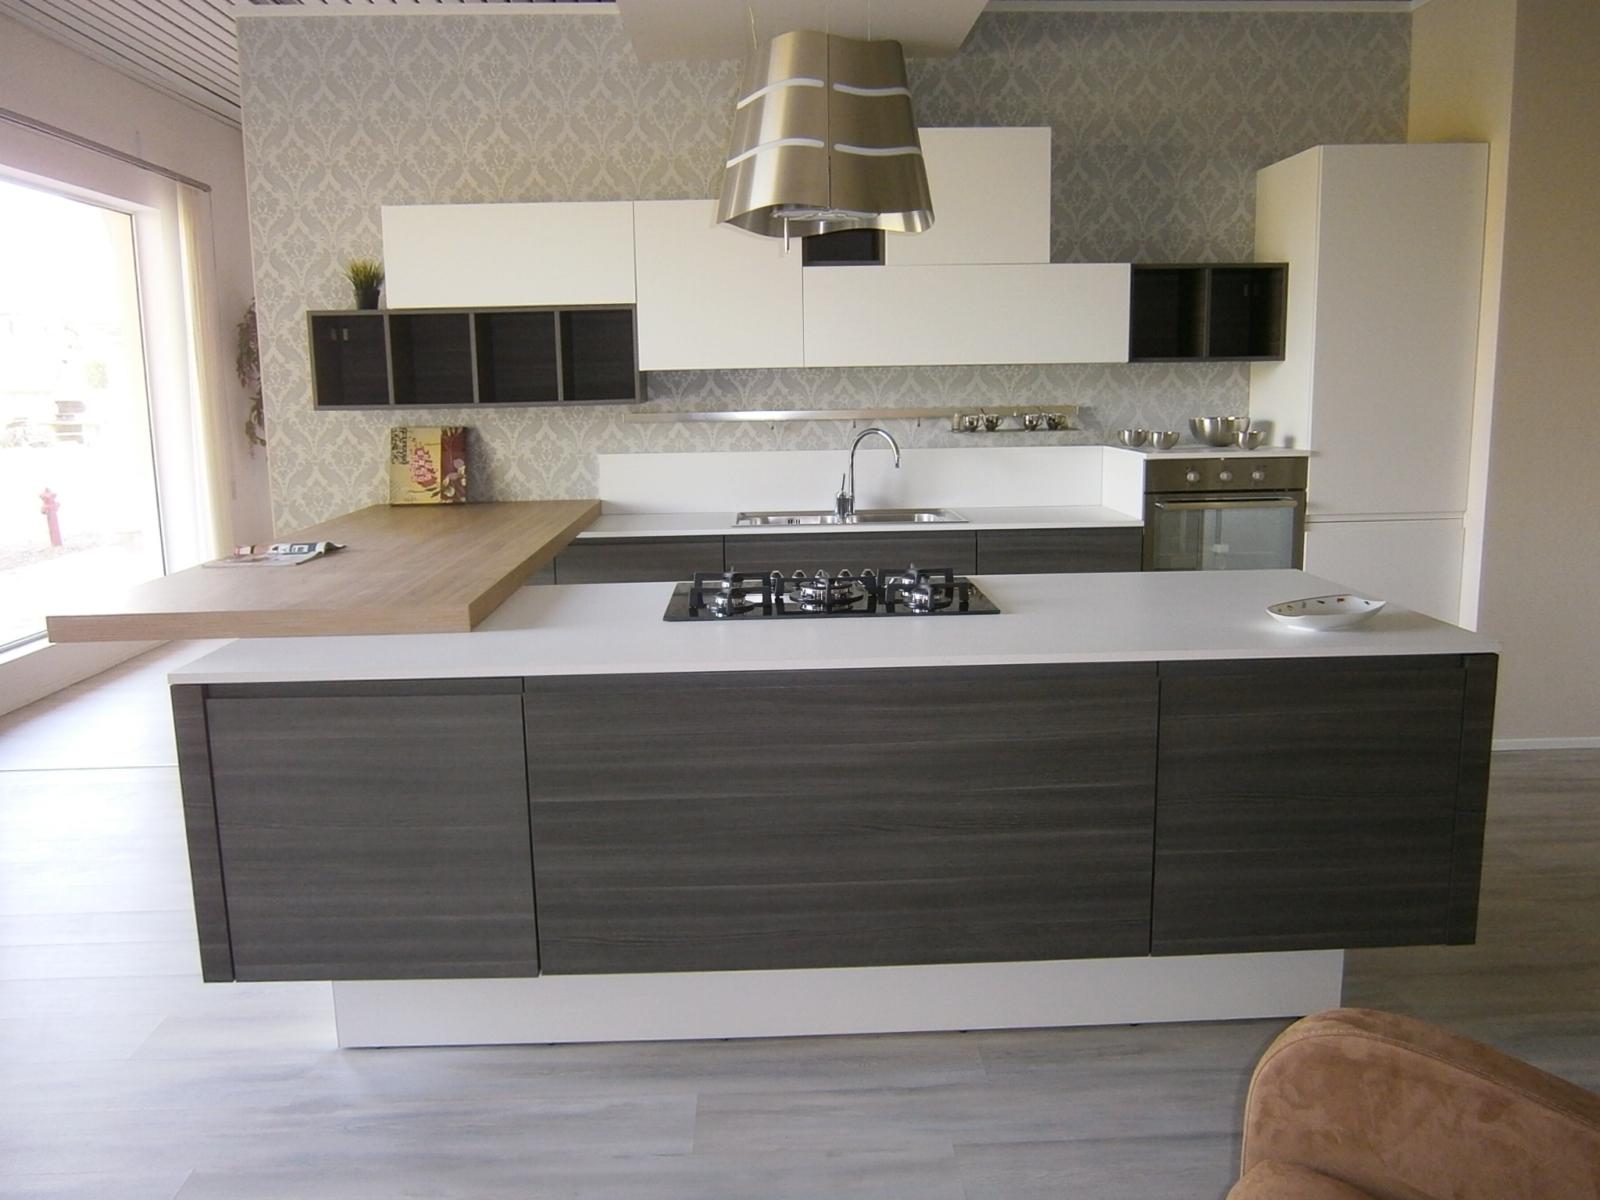 Gallery of cucina arrex arcobaleno scontato del with cucine cappellini - Cucine cappellini ...